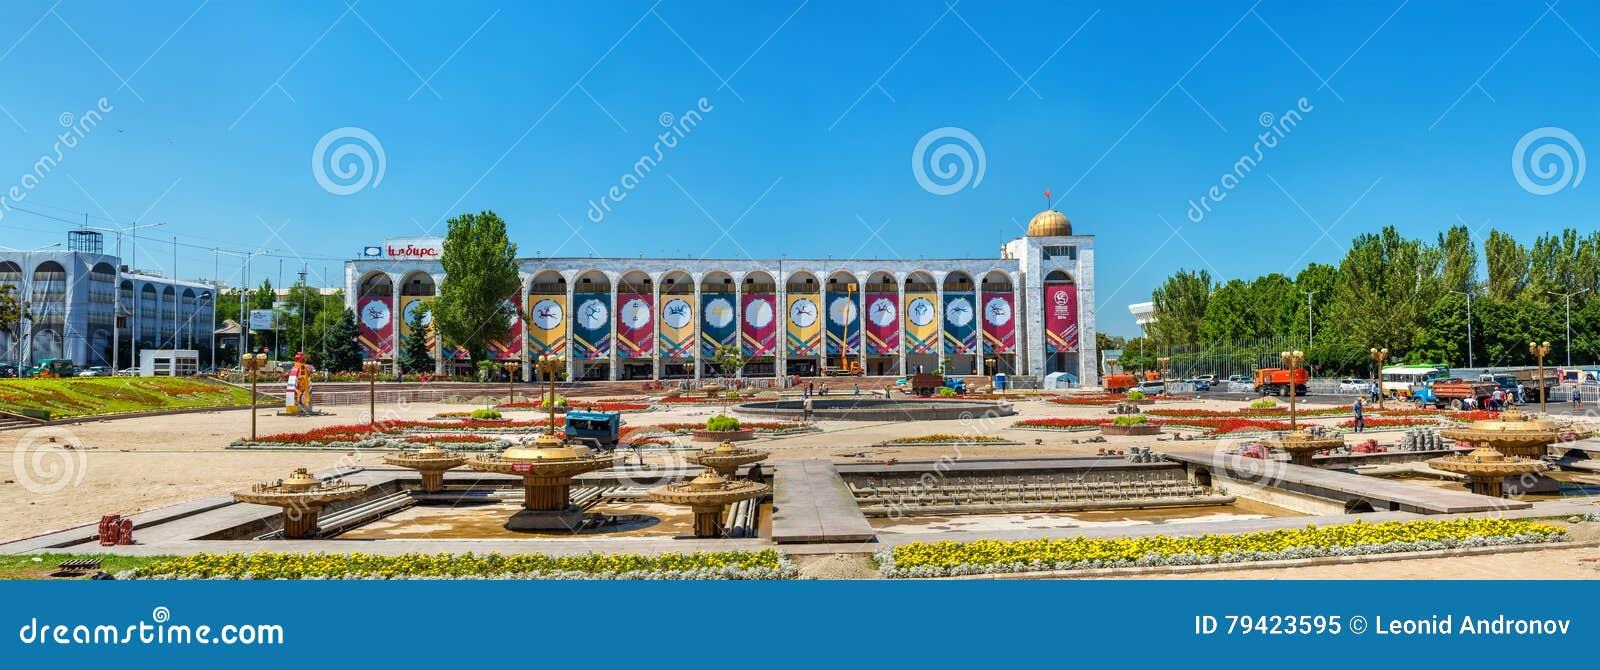 Ala-Demasiado, el cuadrado central de Bishkek - Kirguistán